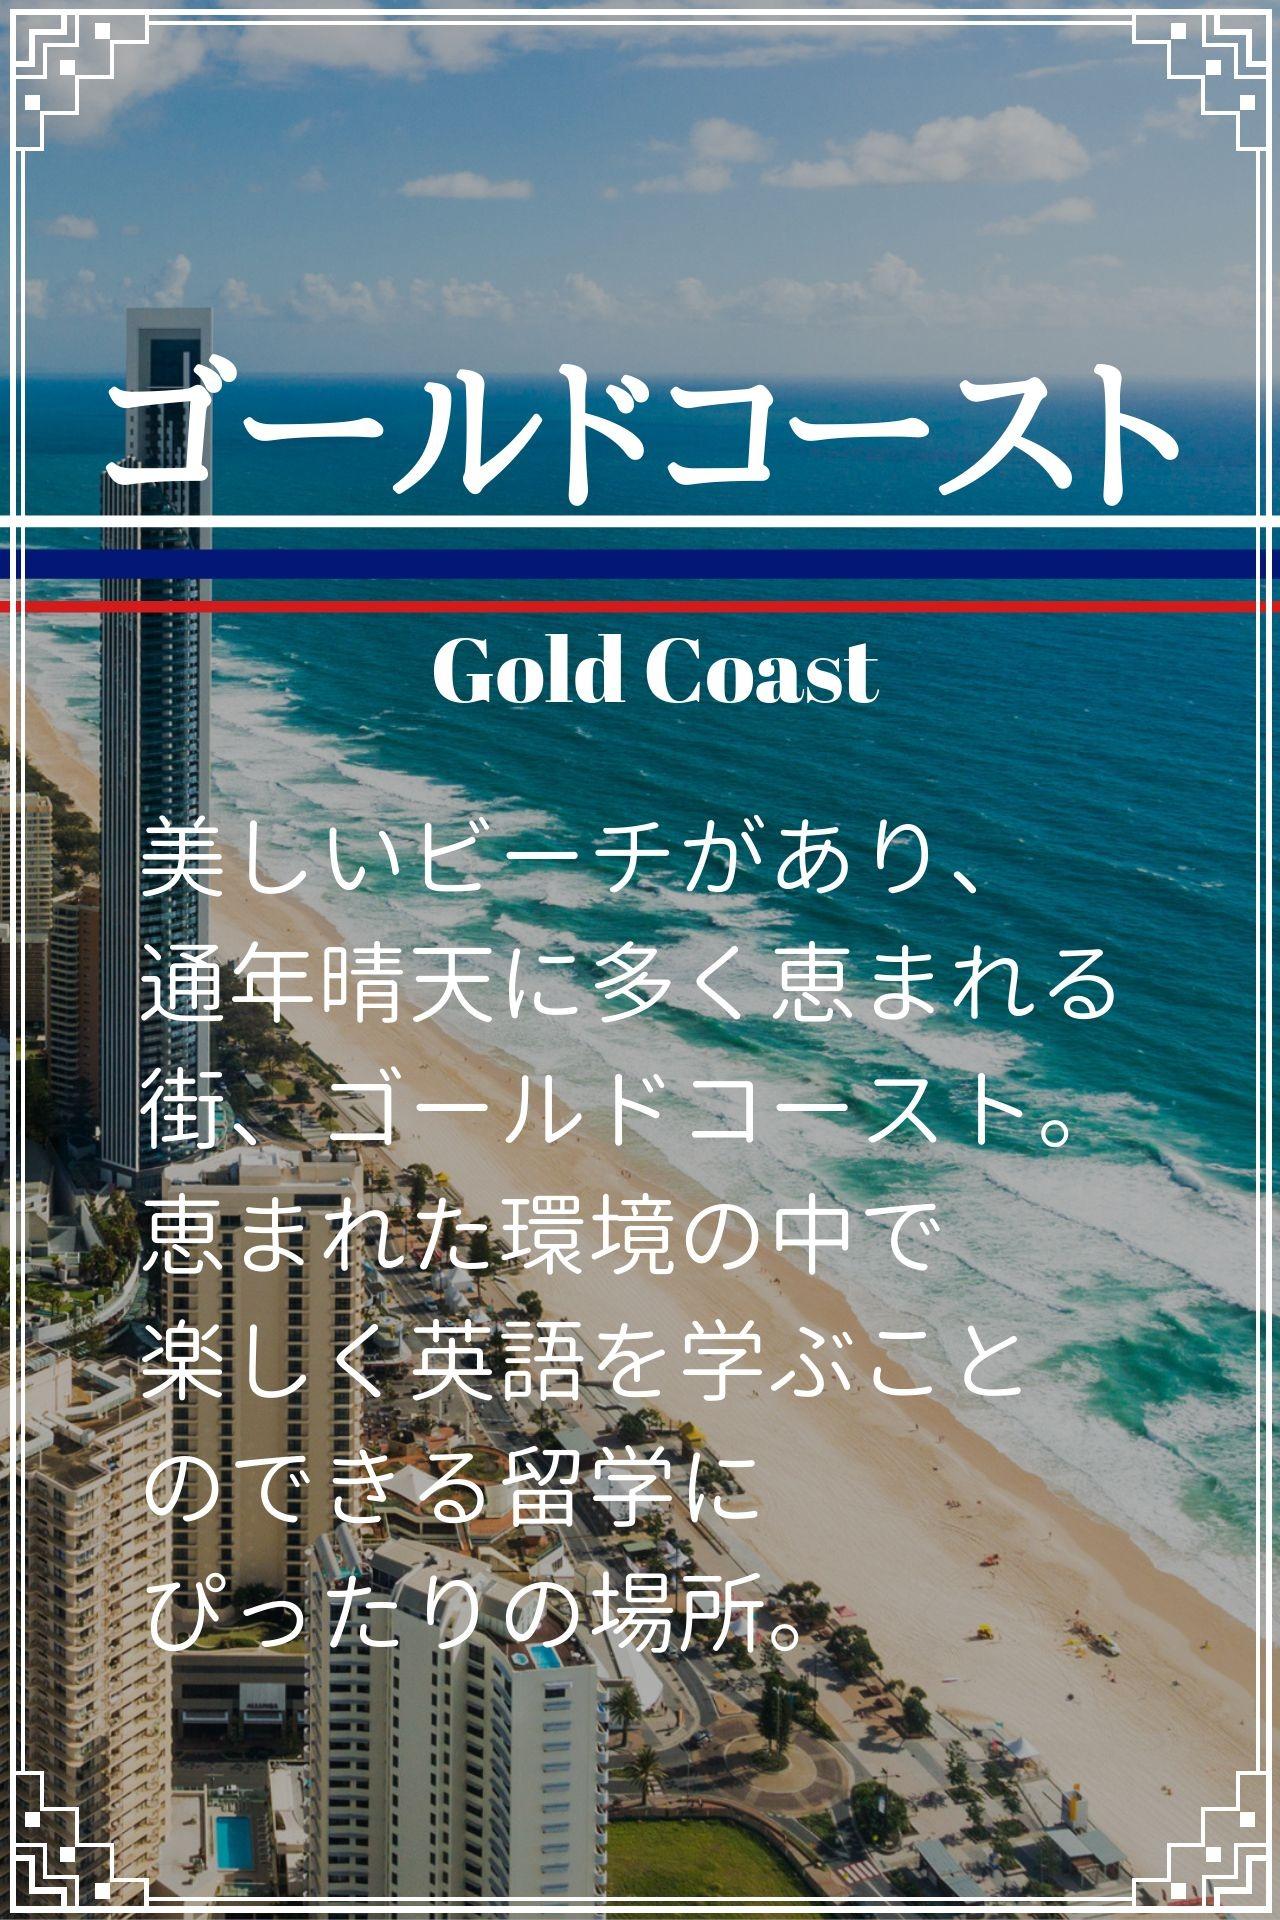 ゴールドコースト留学spバナー